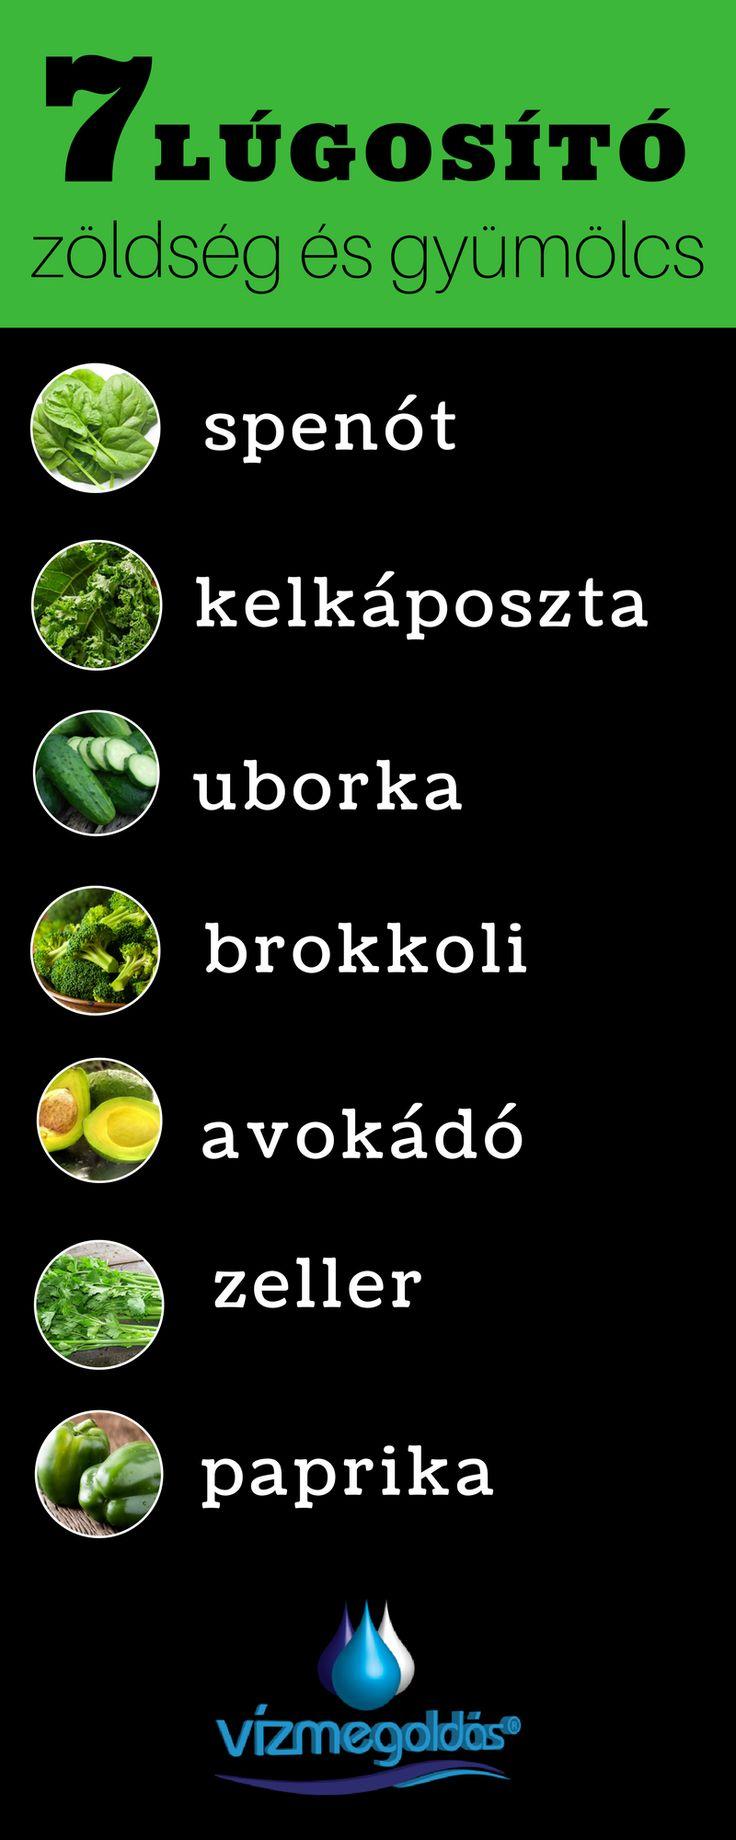 Tudj meg többet a helyes táplálkozásról - kattints a képre!